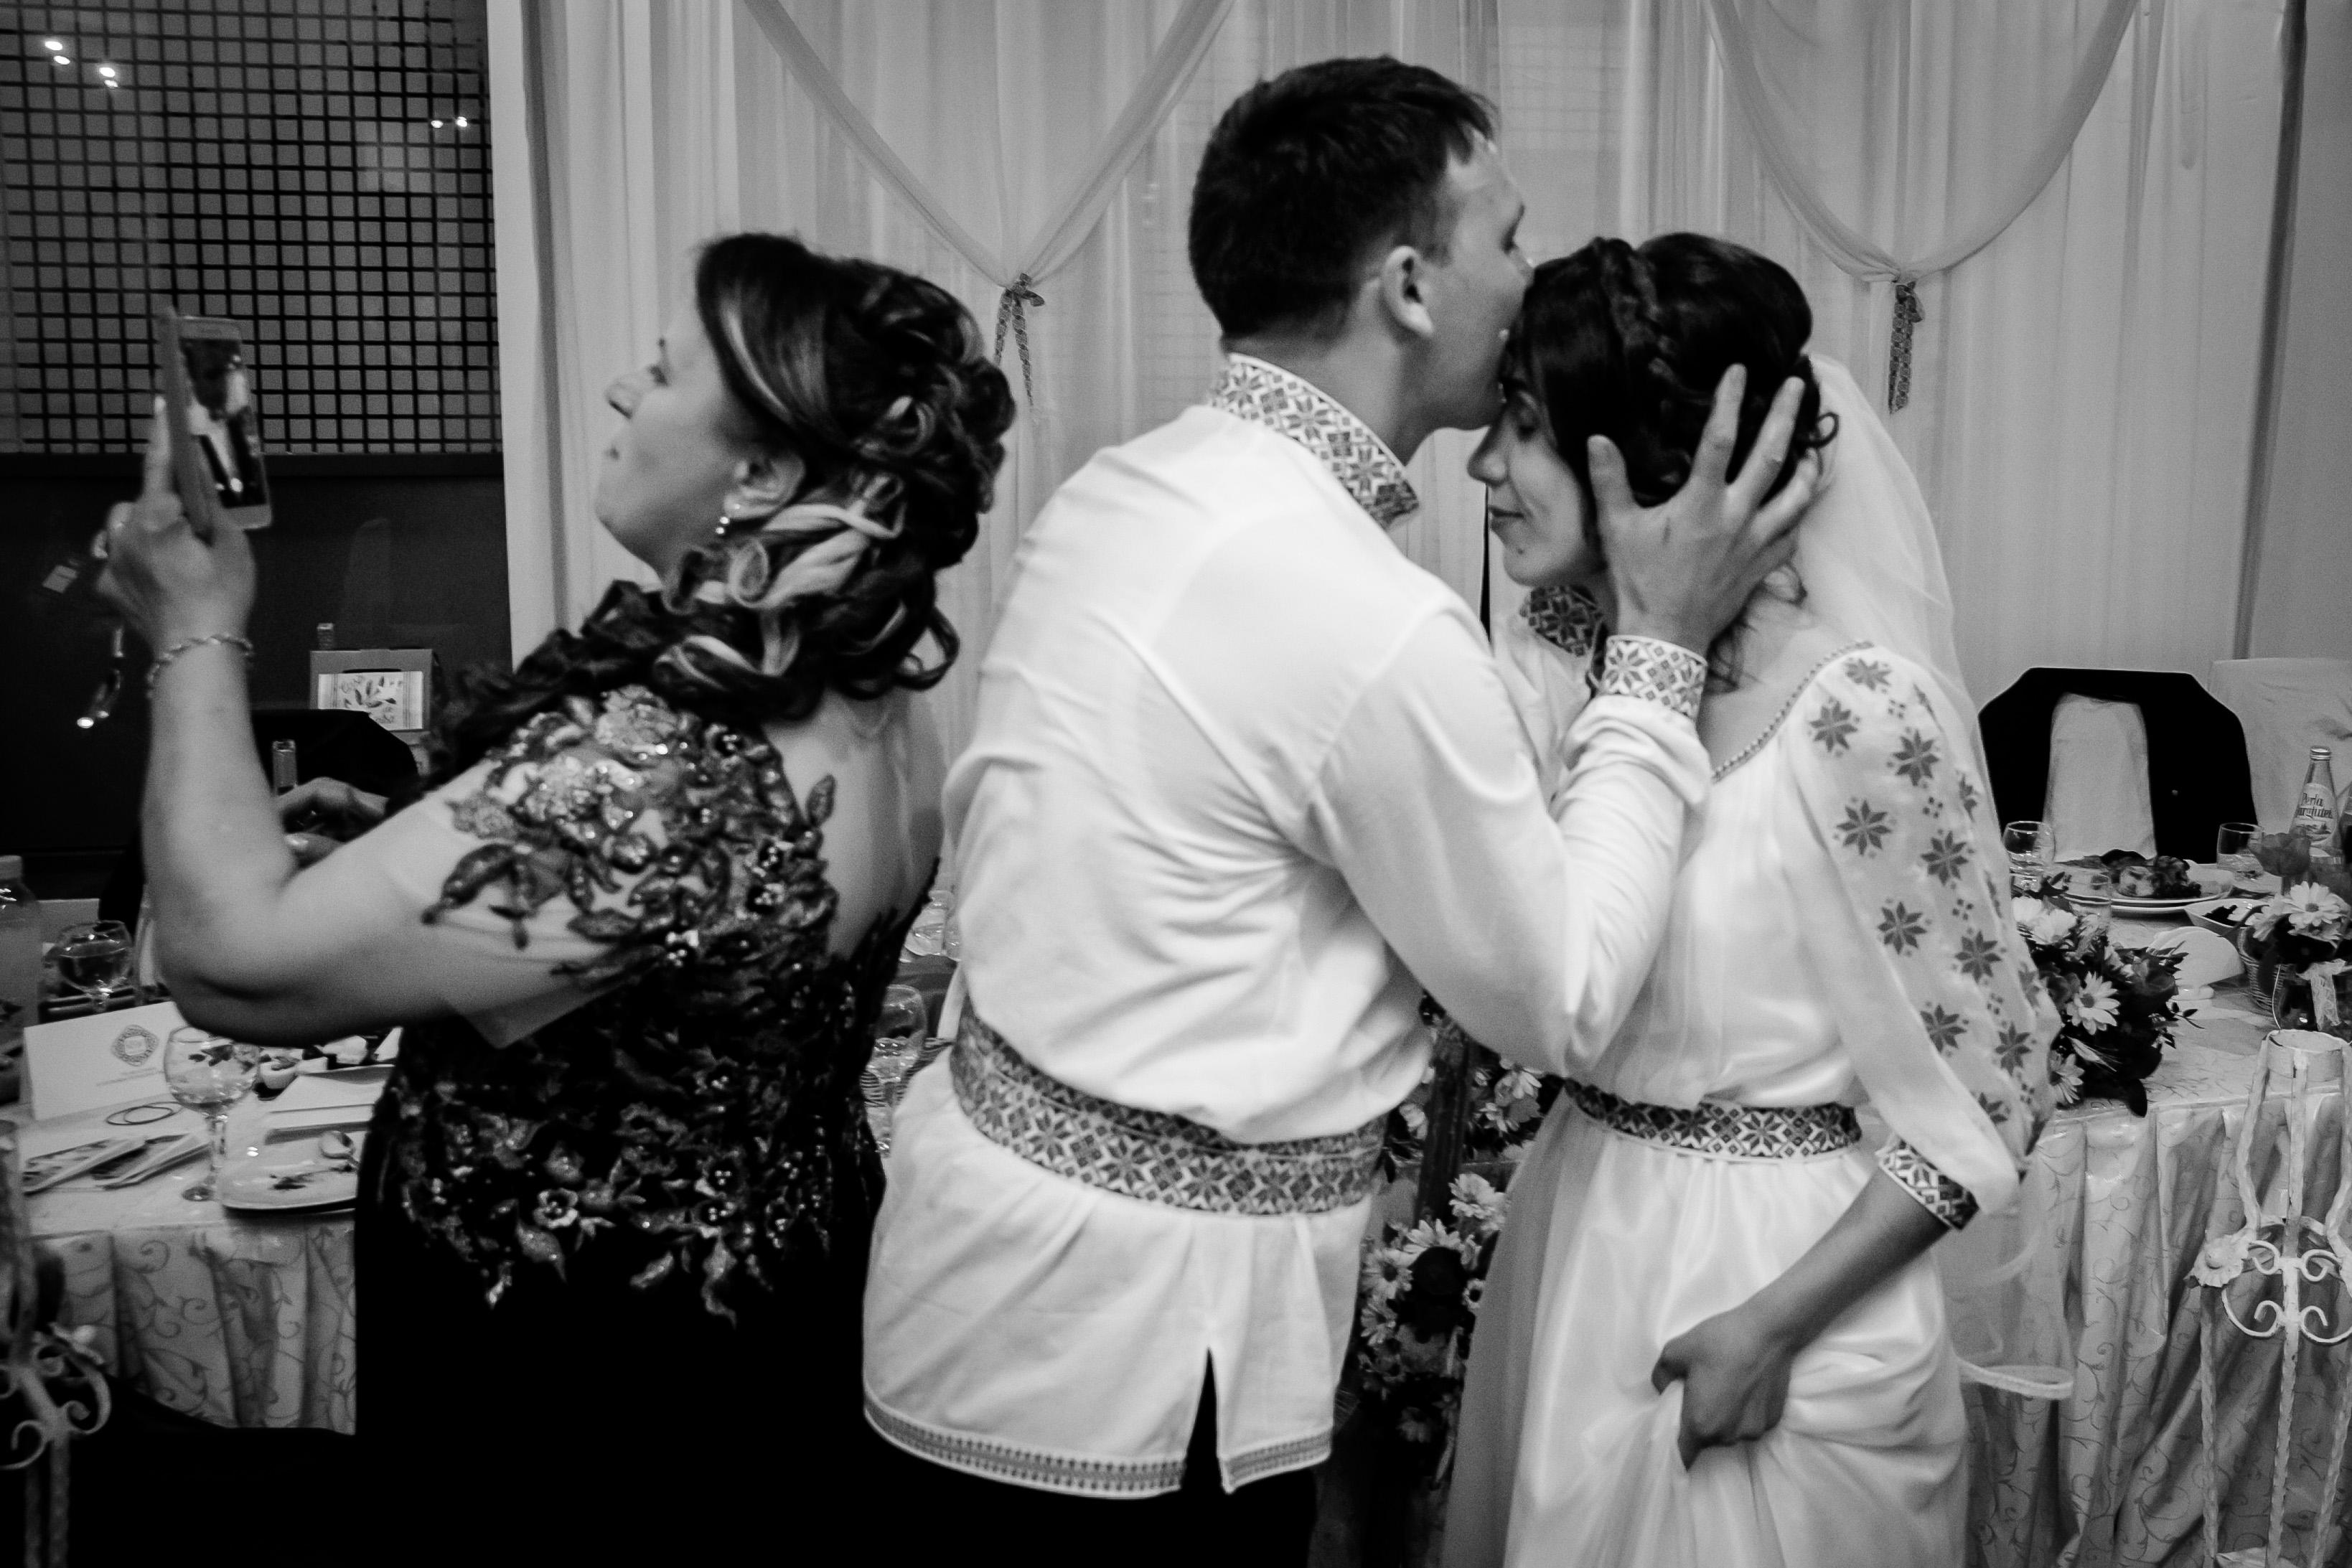 Nuntă tradițională Elisabeta și Alexandru fotograf profesionist nunta Iasi www.paulpadurariu.ro © 2018 Paul Padurariu fotograf de nunta Iasi petrecere miri 13